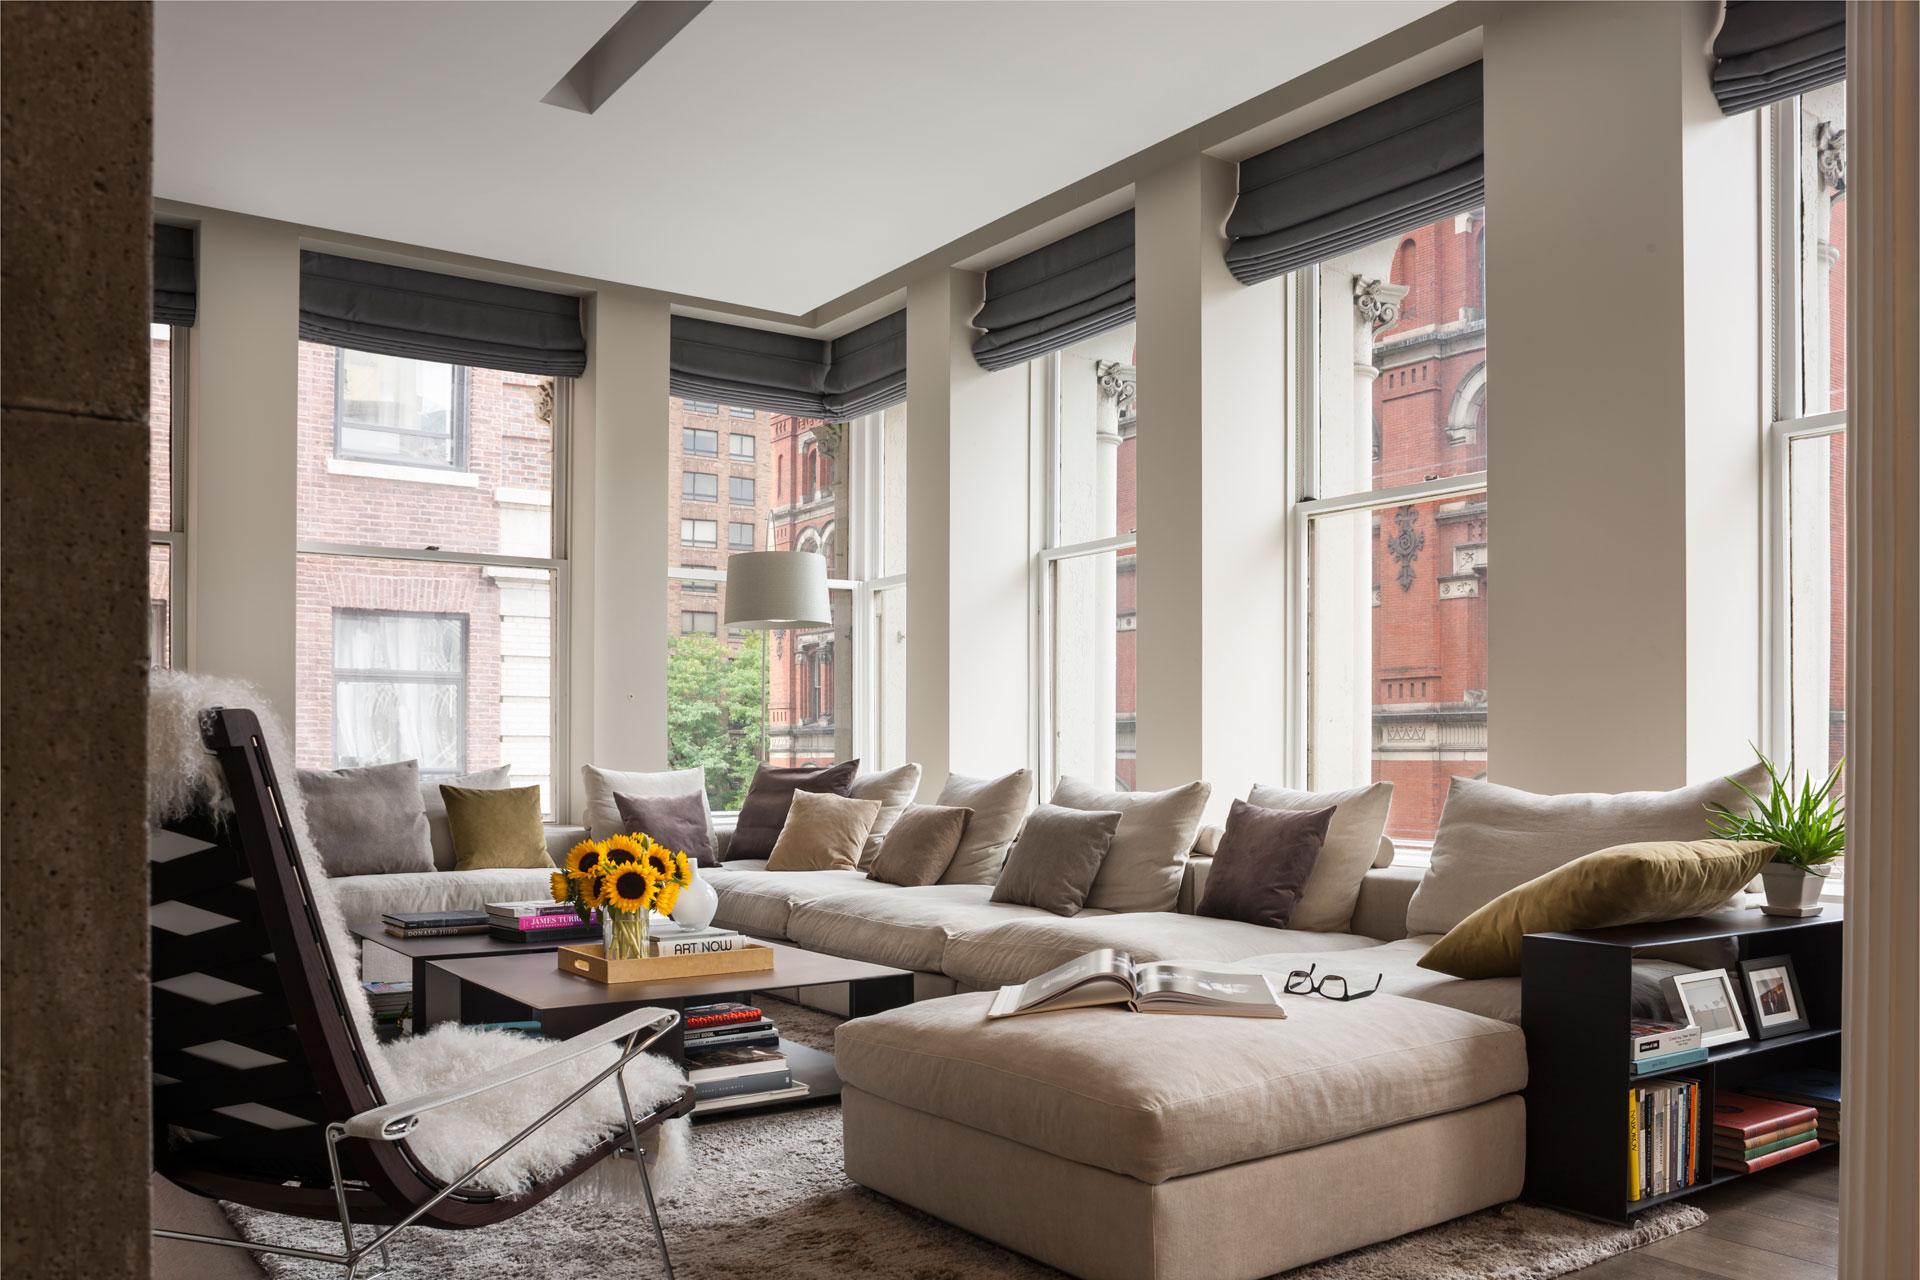 Bond Street loft -lounge by Axis Mundi